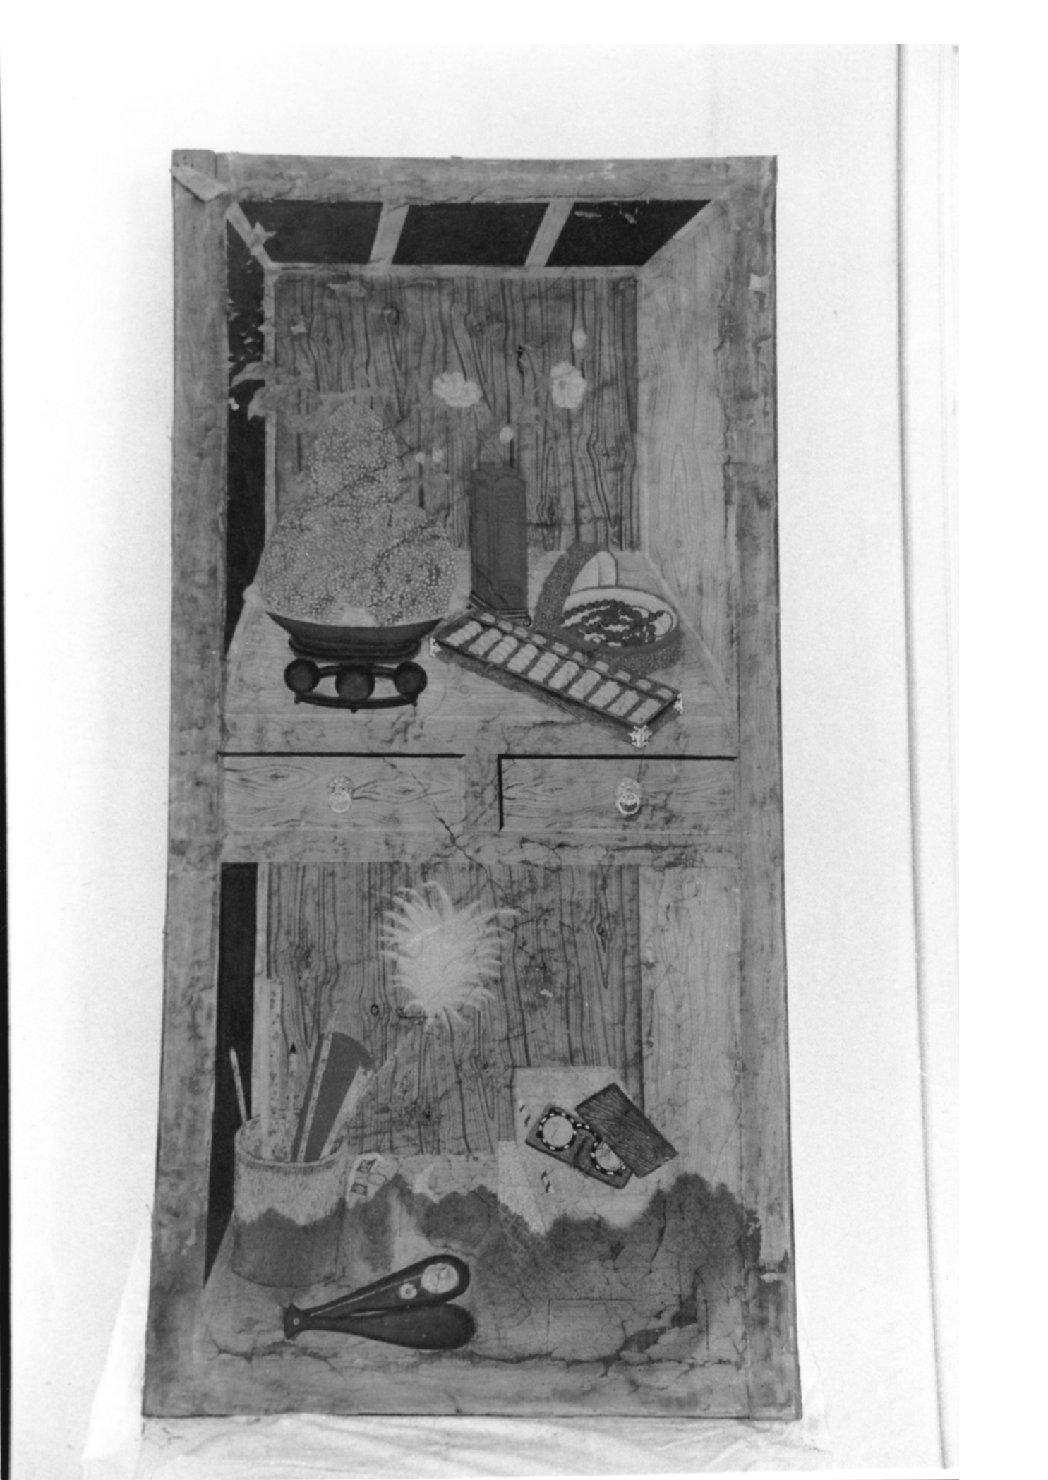 pannello, complesso decorativo - ambito cinese (seconda metà sec. XVIII)